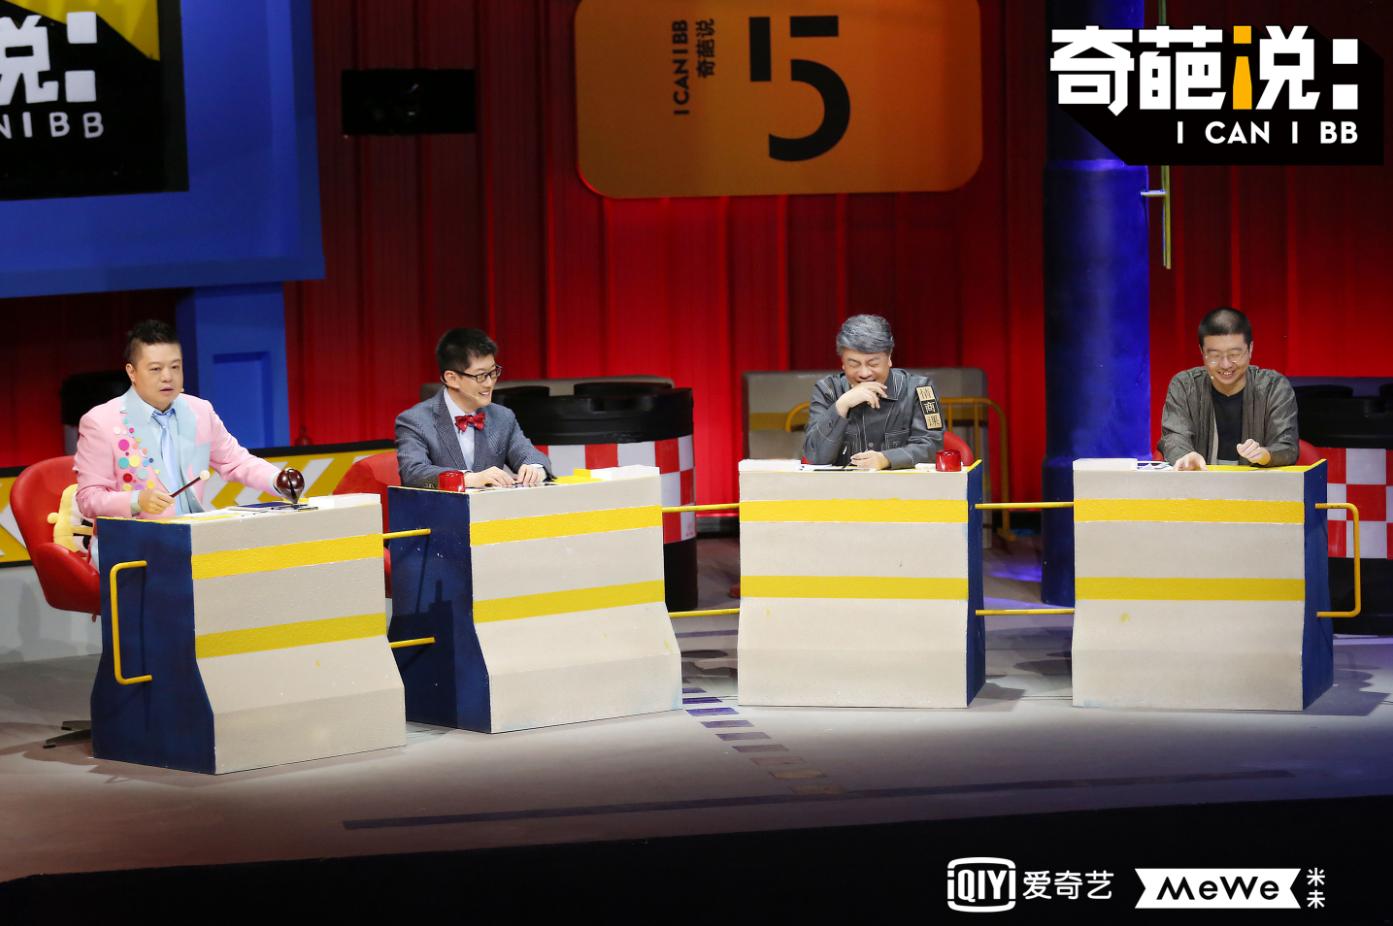 爱奇艺《奇葩说》第五季开播 新老奇葩同台激烈对抗